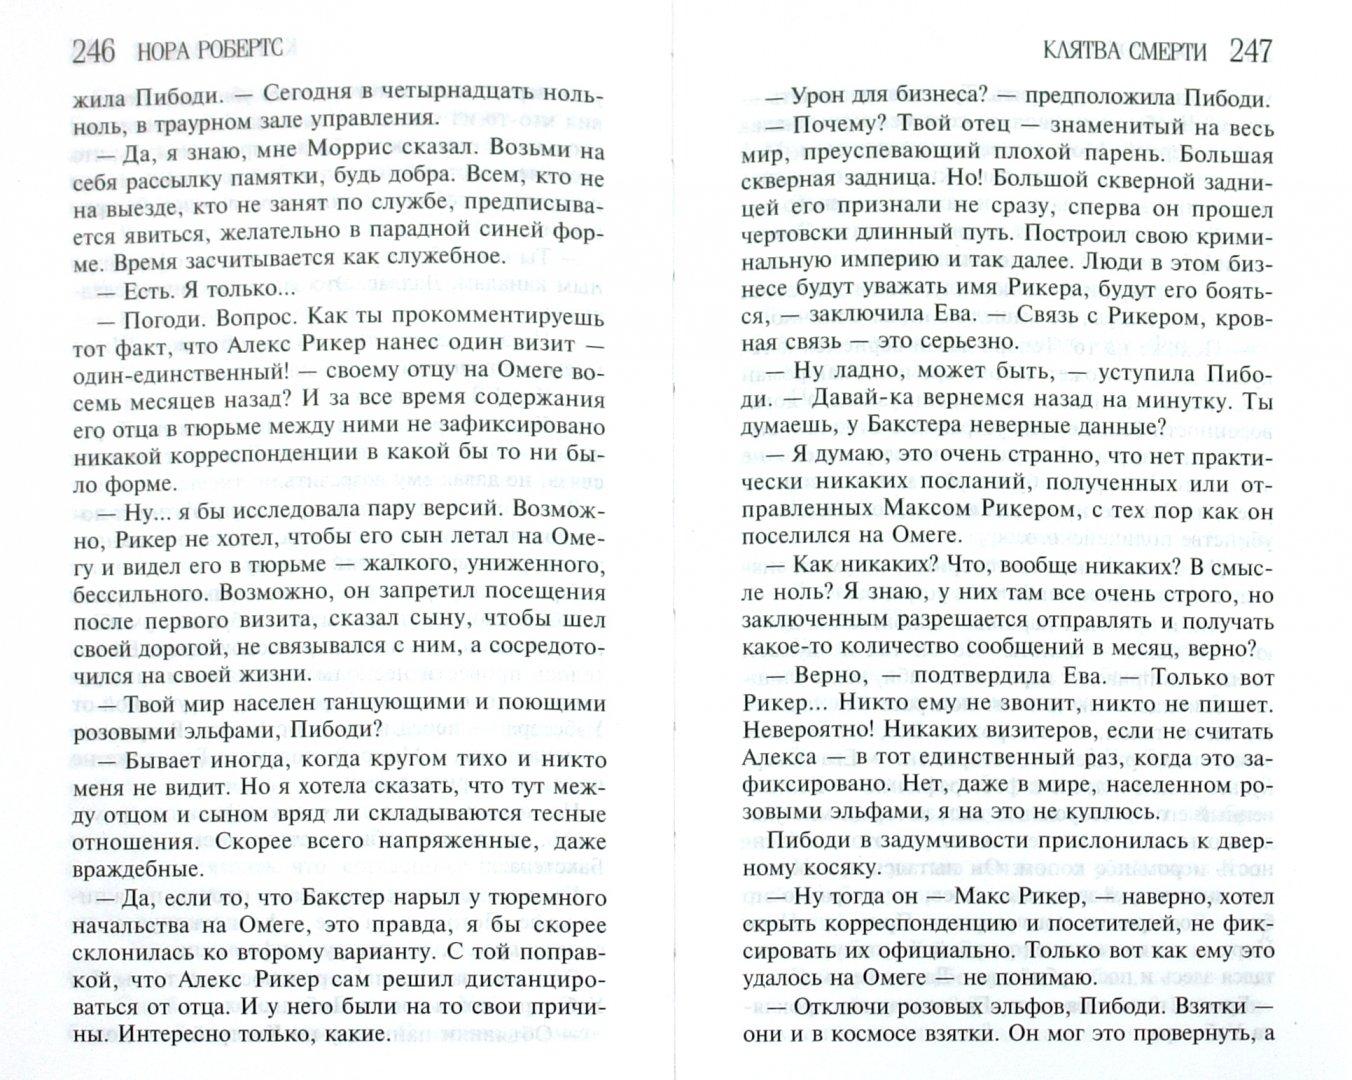 Иллюстрация 1 из 8 для Клятва смерти - Нора Робертс   Лабиринт - книги. Источник: Лабиринт